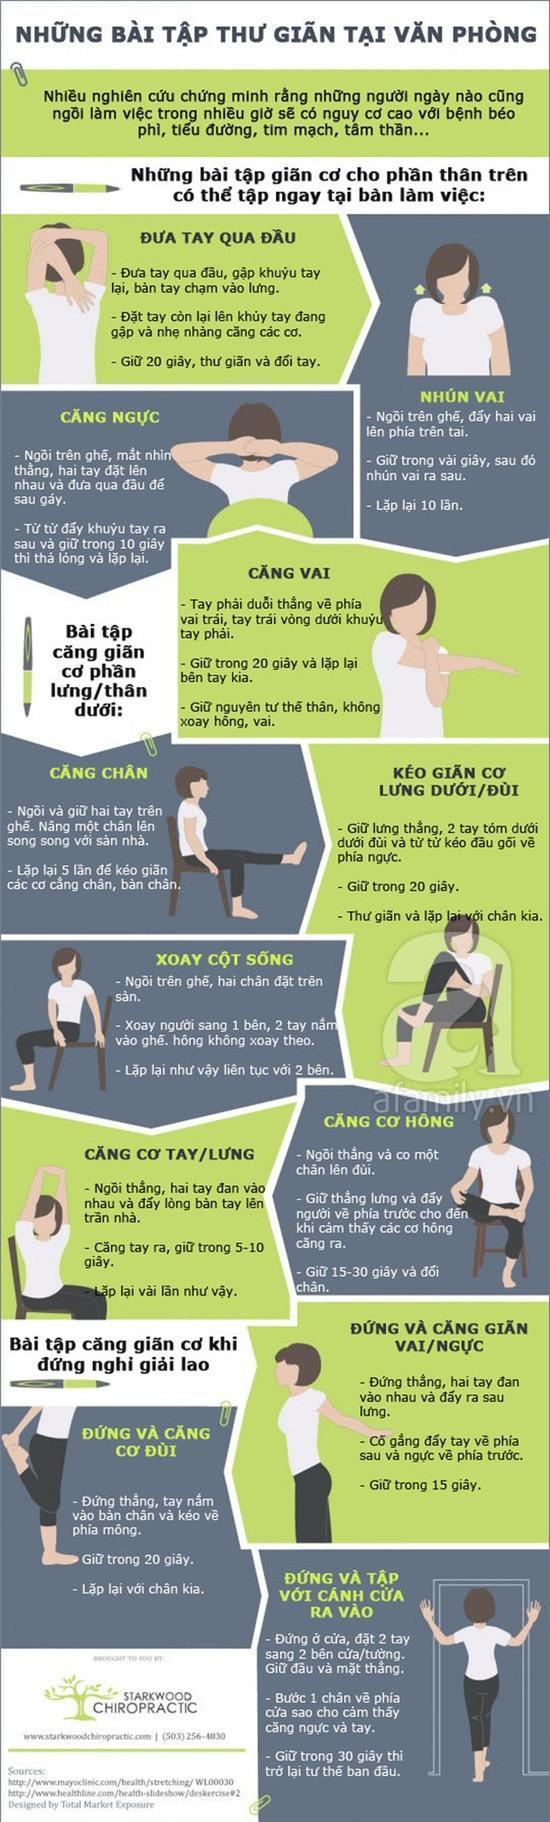 12 bài tập giãn cơ